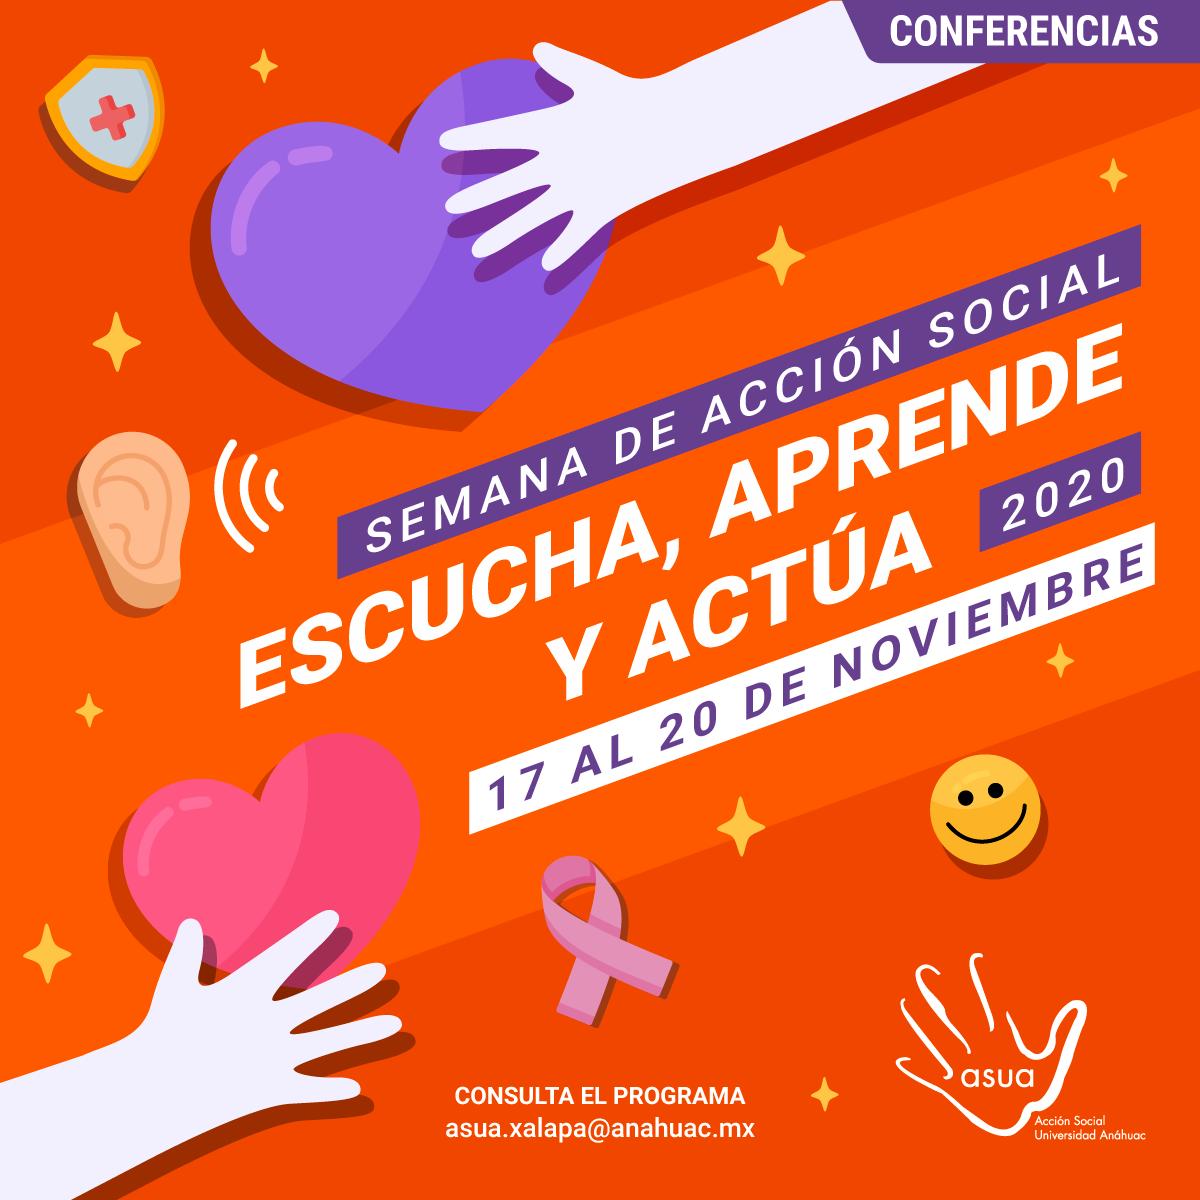 Semana de Acción Social: Escucha, Aprende y Actúa